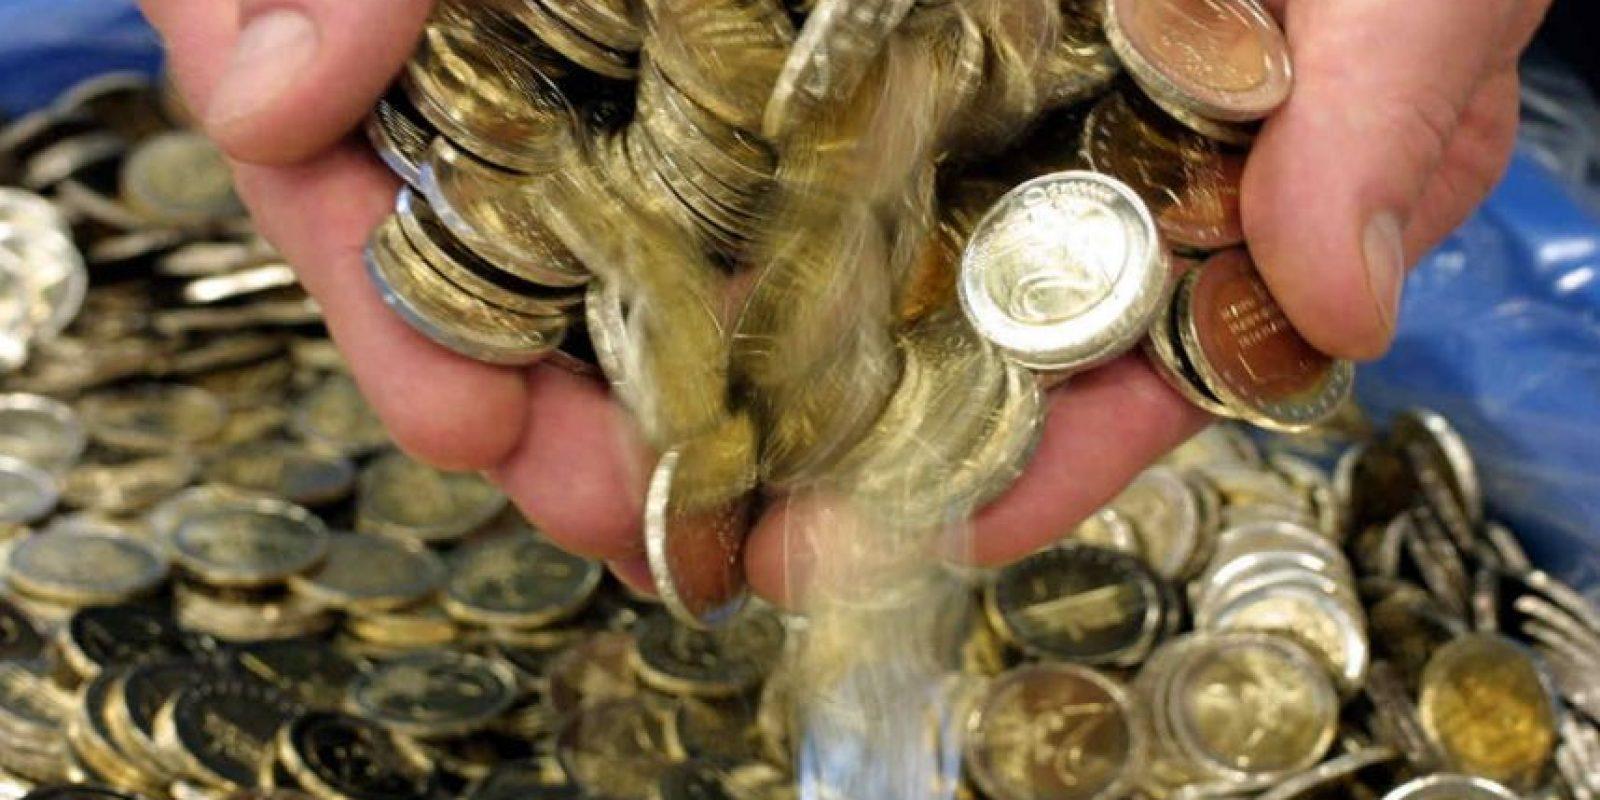 El dinero siempre será un tema polémico, más hablando de relaciones de pareja. Foto:Getty Images